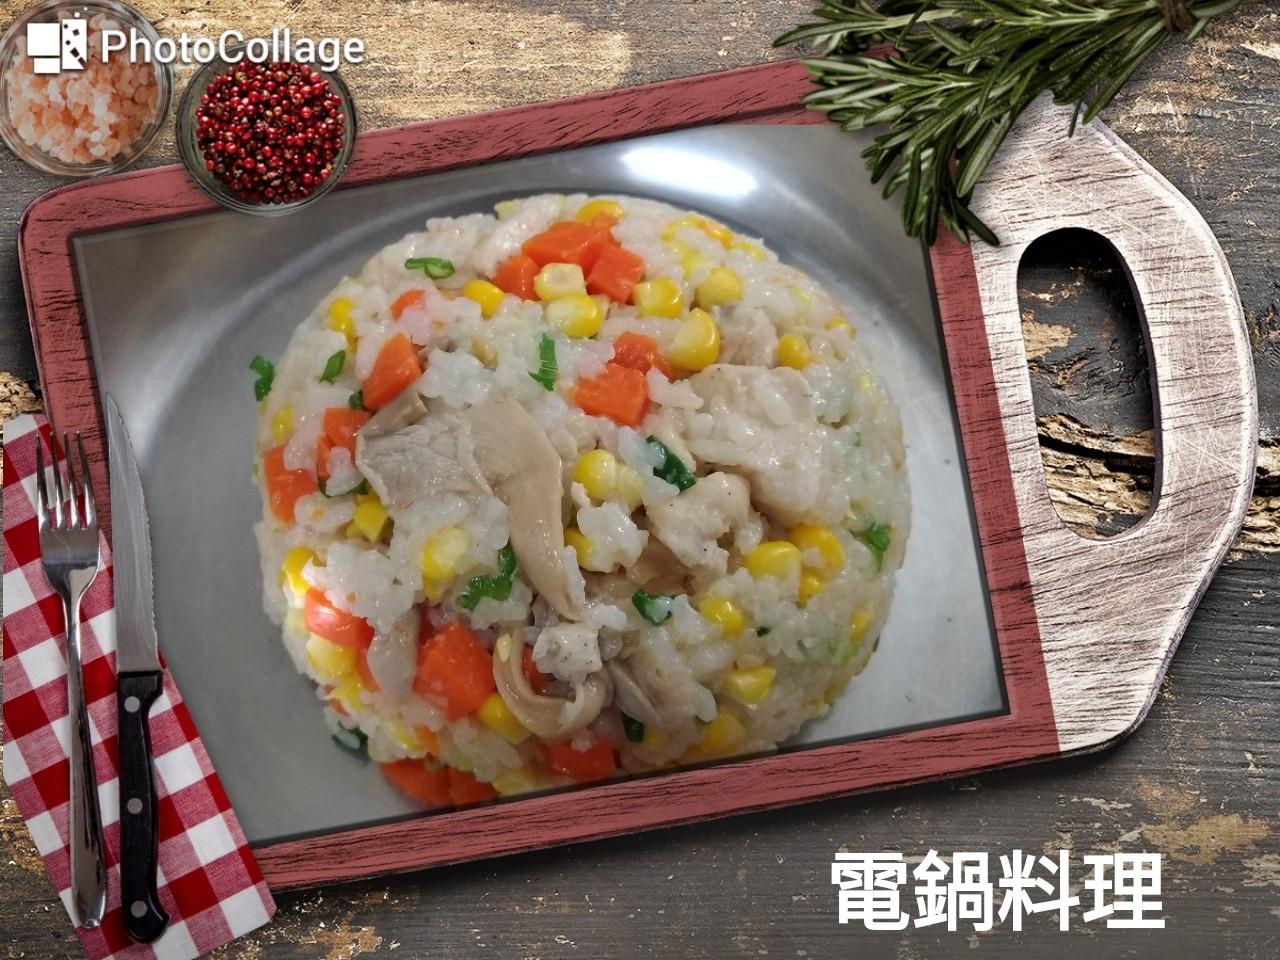 鮮蔬雞肉炊飯